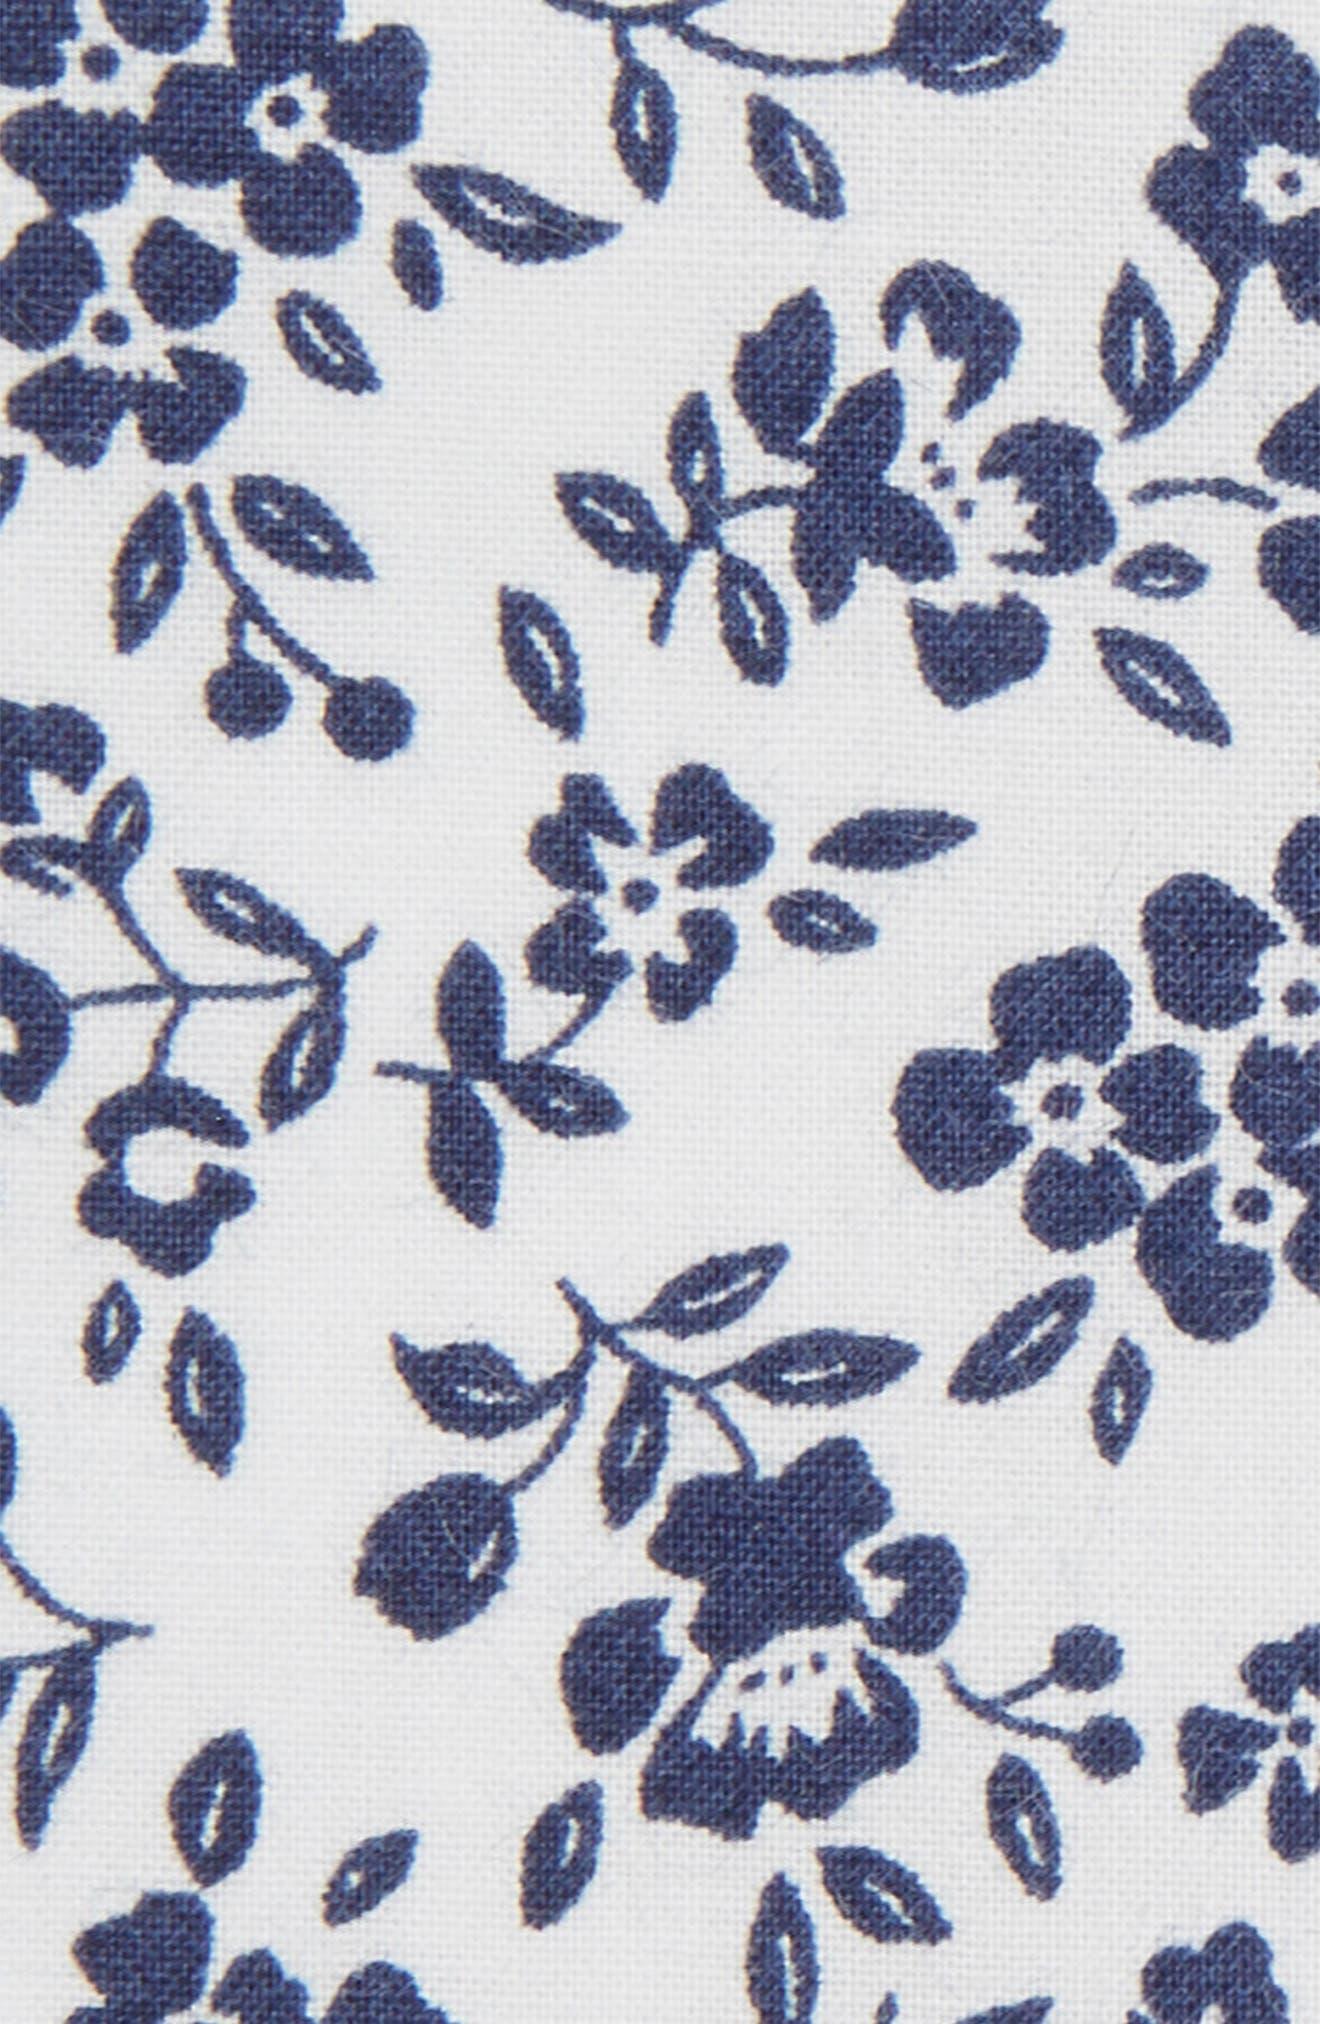 Floral Cotton Pocket Square,                             Alternate thumbnail 3, color,                             400